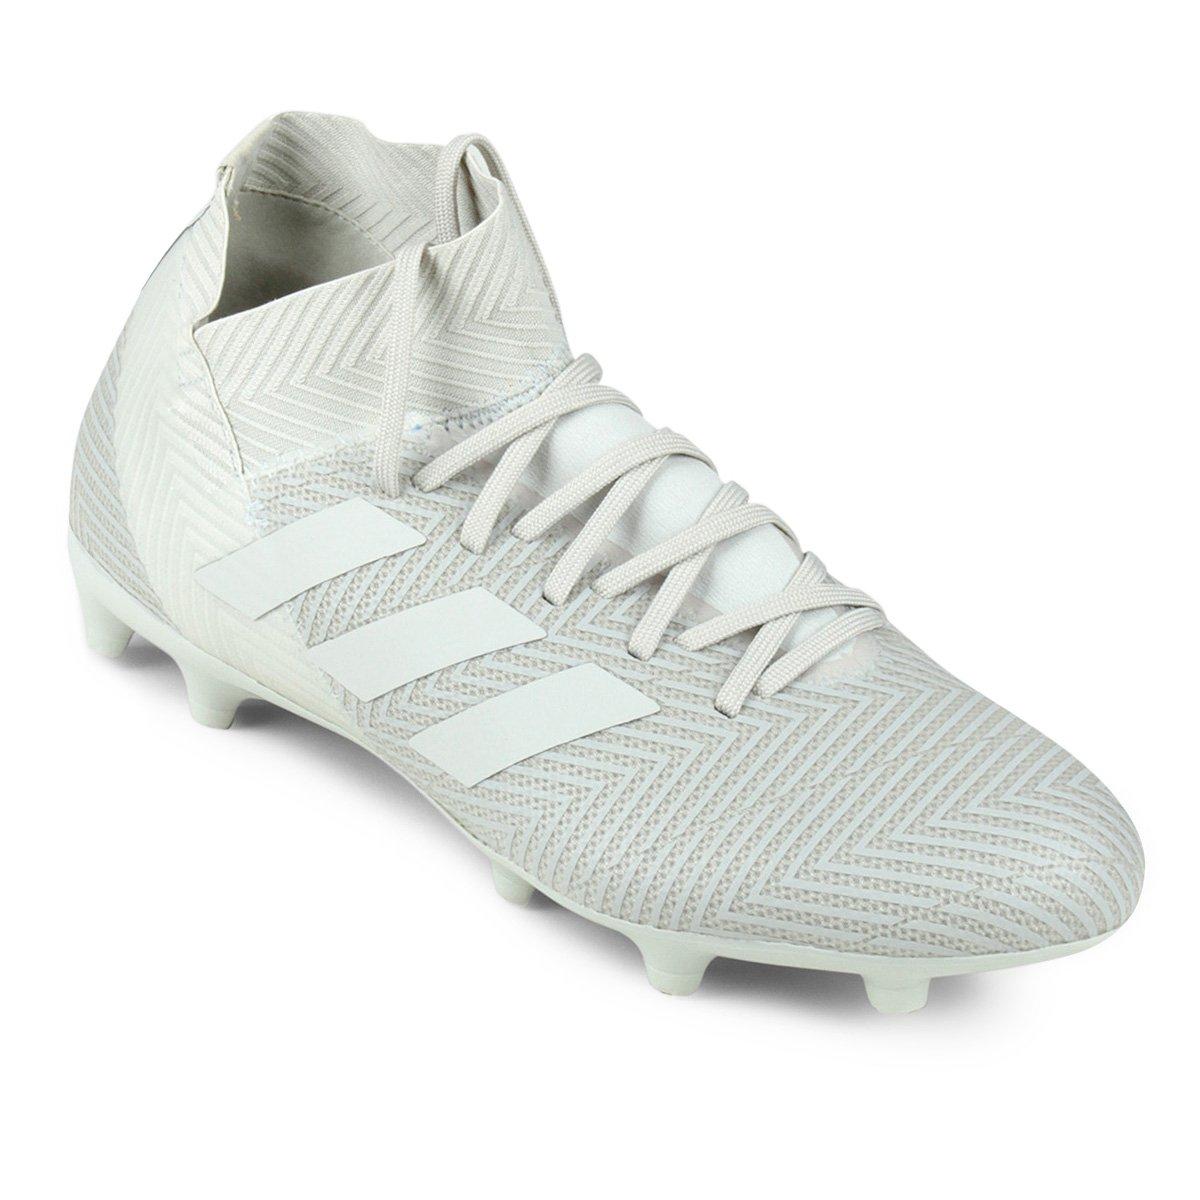 Chuteira Campo Adidas Nemeziz 18 3 FG - Branco - Compre Agora  0fbc3b1fc800c